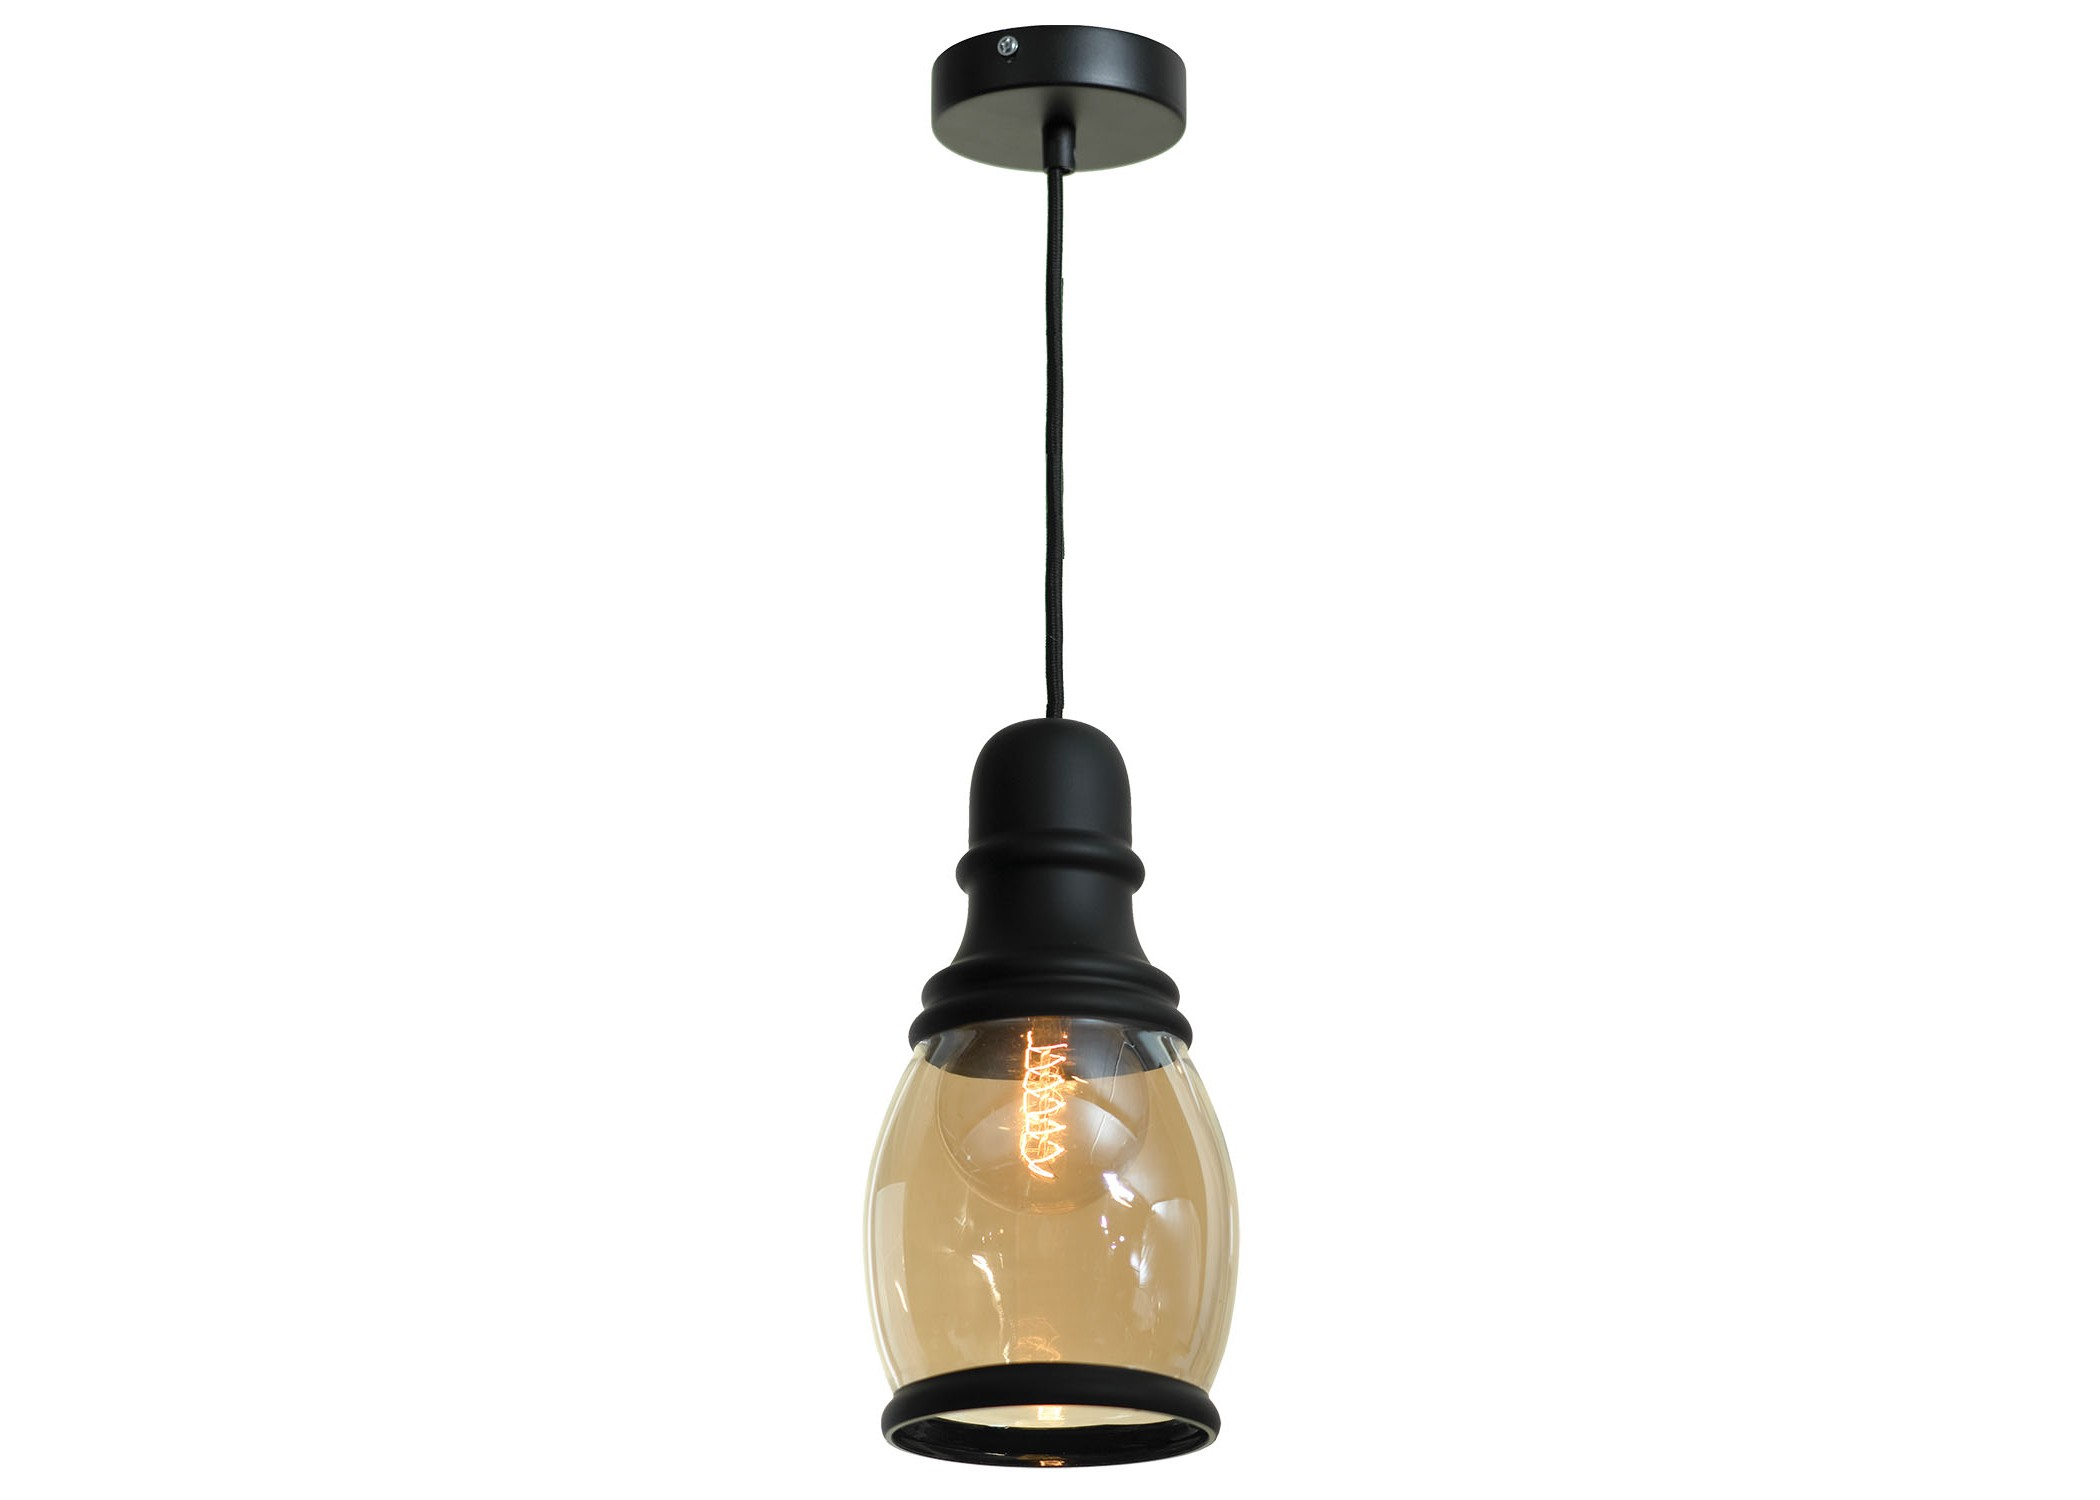 Подвесной светильникПодвесные светильники<br>&amp;lt;div&amp;gt;Цоколь: E27&amp;lt;/div&amp;gt;&amp;lt;div&amp;gt;Мощность ламп: 60W&amp;lt;/div&amp;gt;&amp;lt;div&amp;gt;Количество лампочек: 1&amp;lt;/div&amp;gt;<br><br>Material: Стекло<br>Высота см: 150